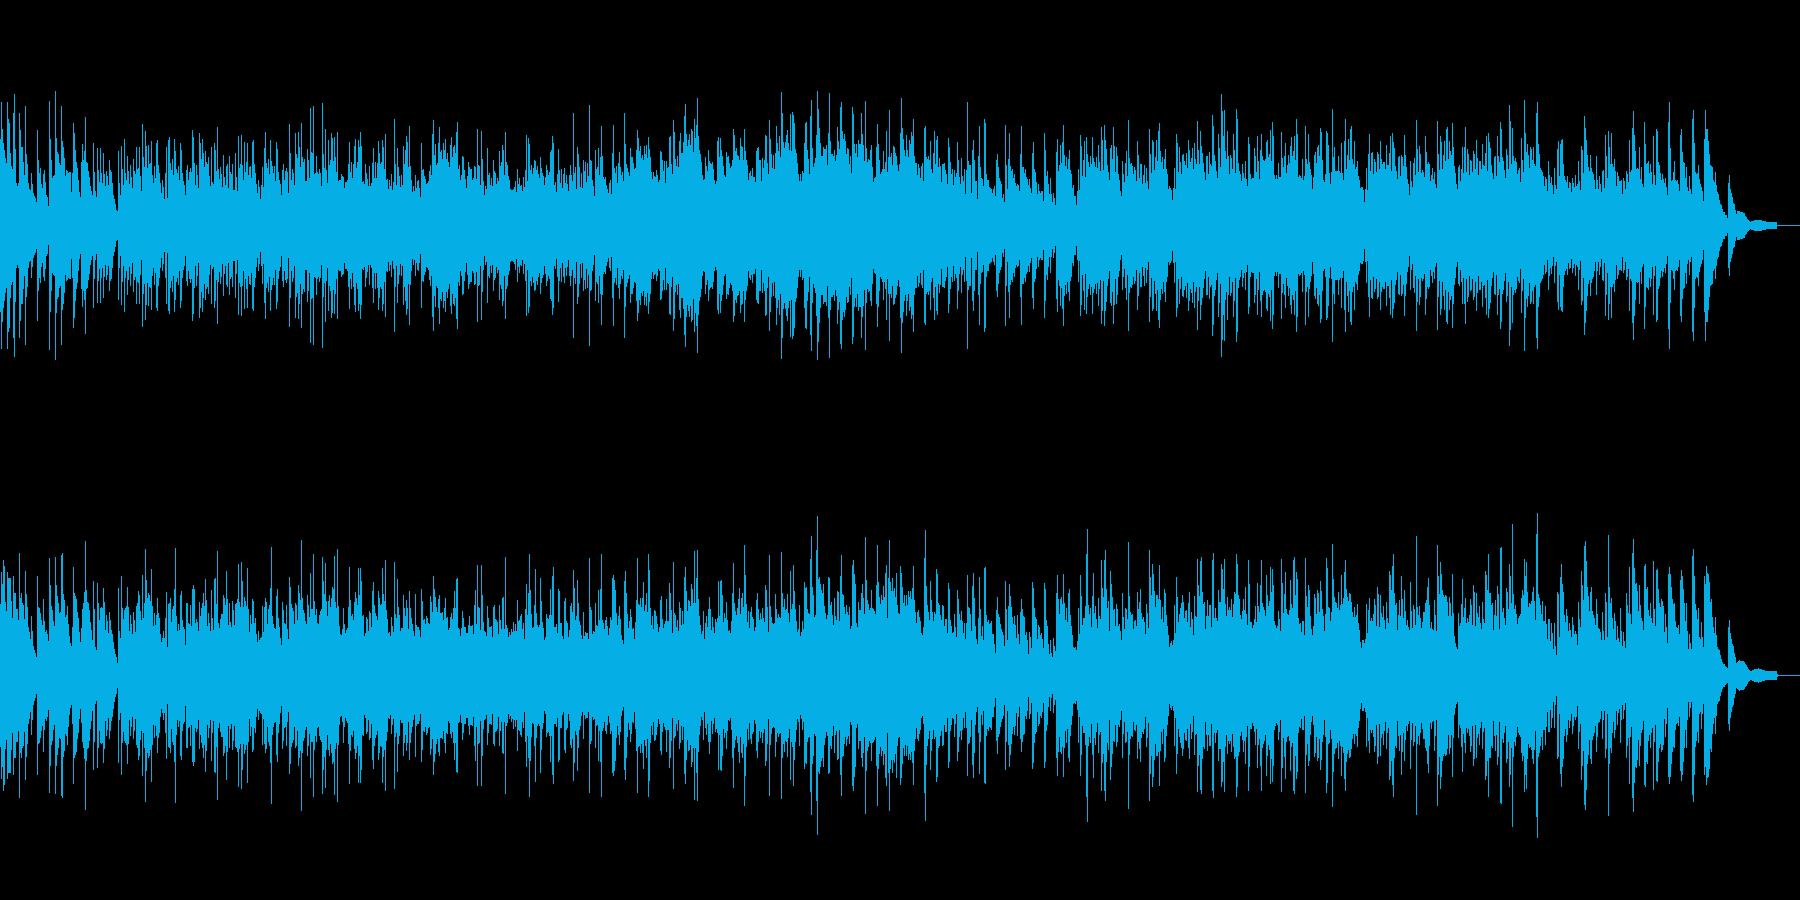 和風第九ベートーベンの琴カバーの再生済みの波形